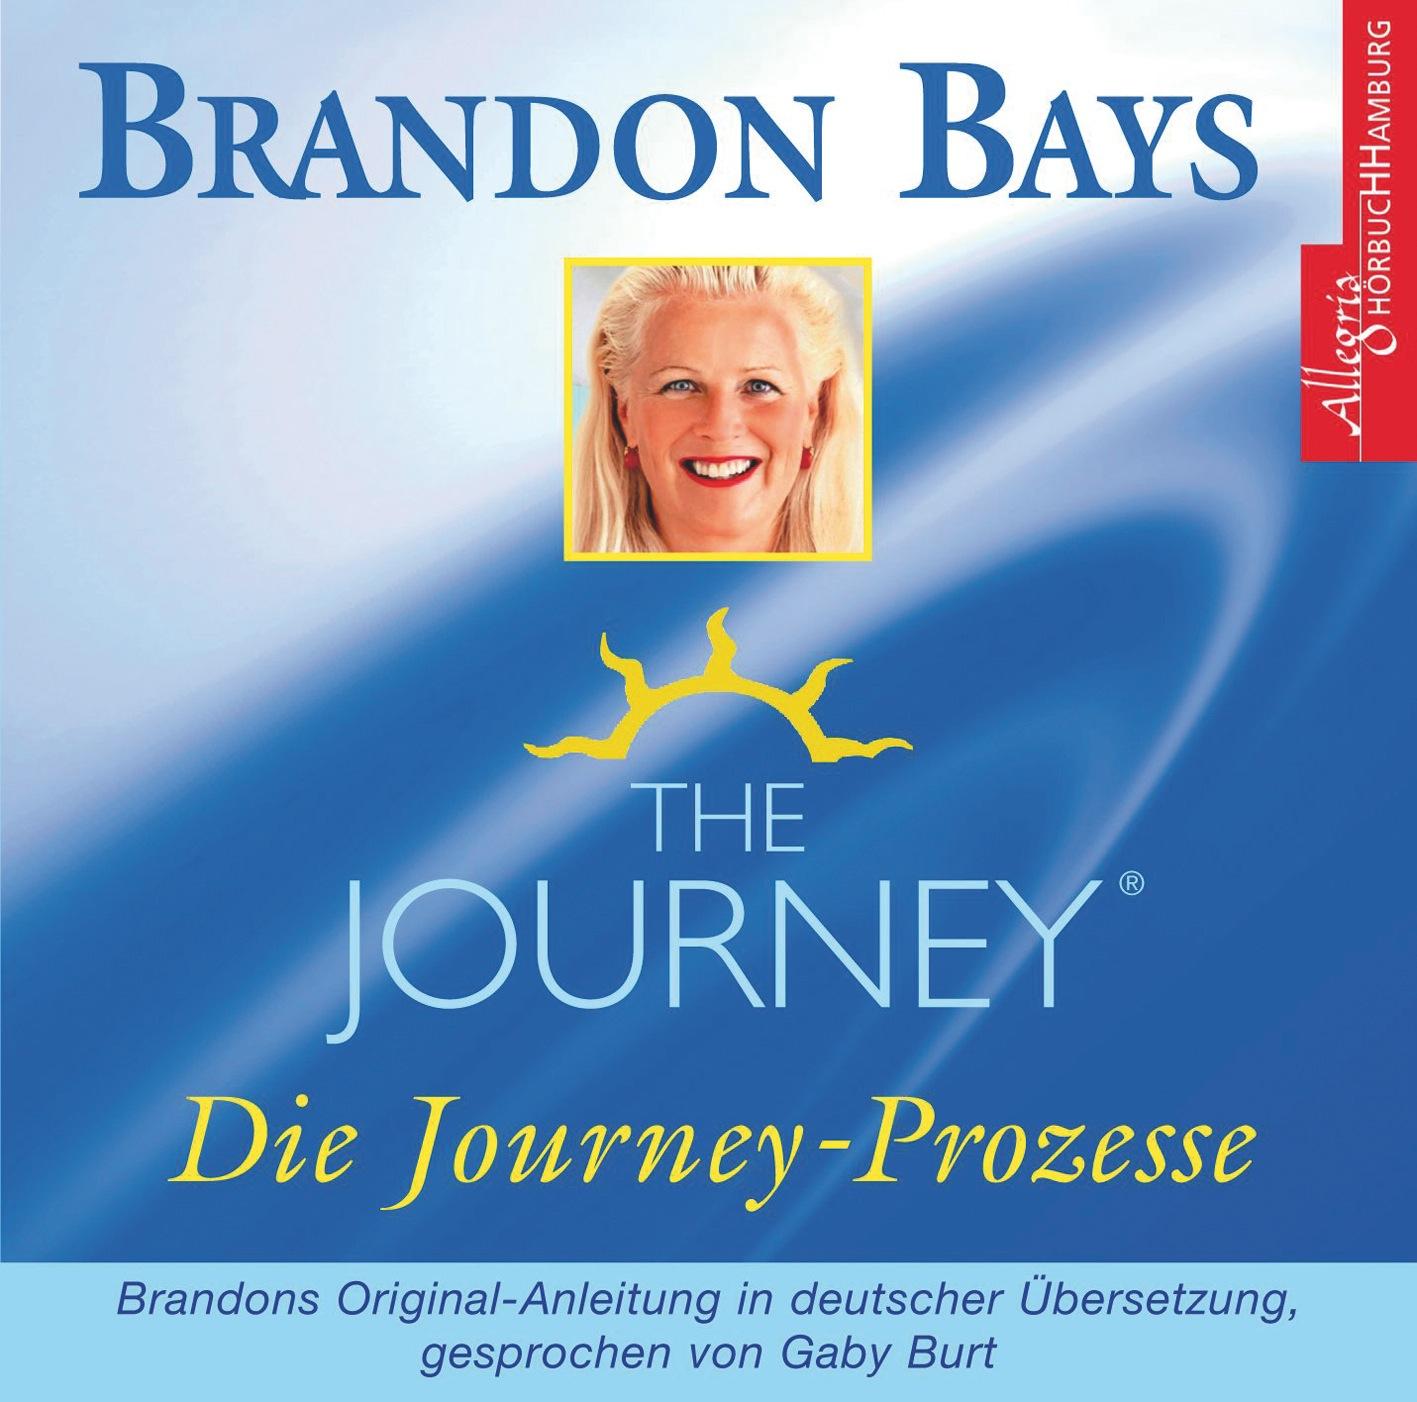 The Journey - Die Journey-Prozesse. 2 CDs - Brandon Bays